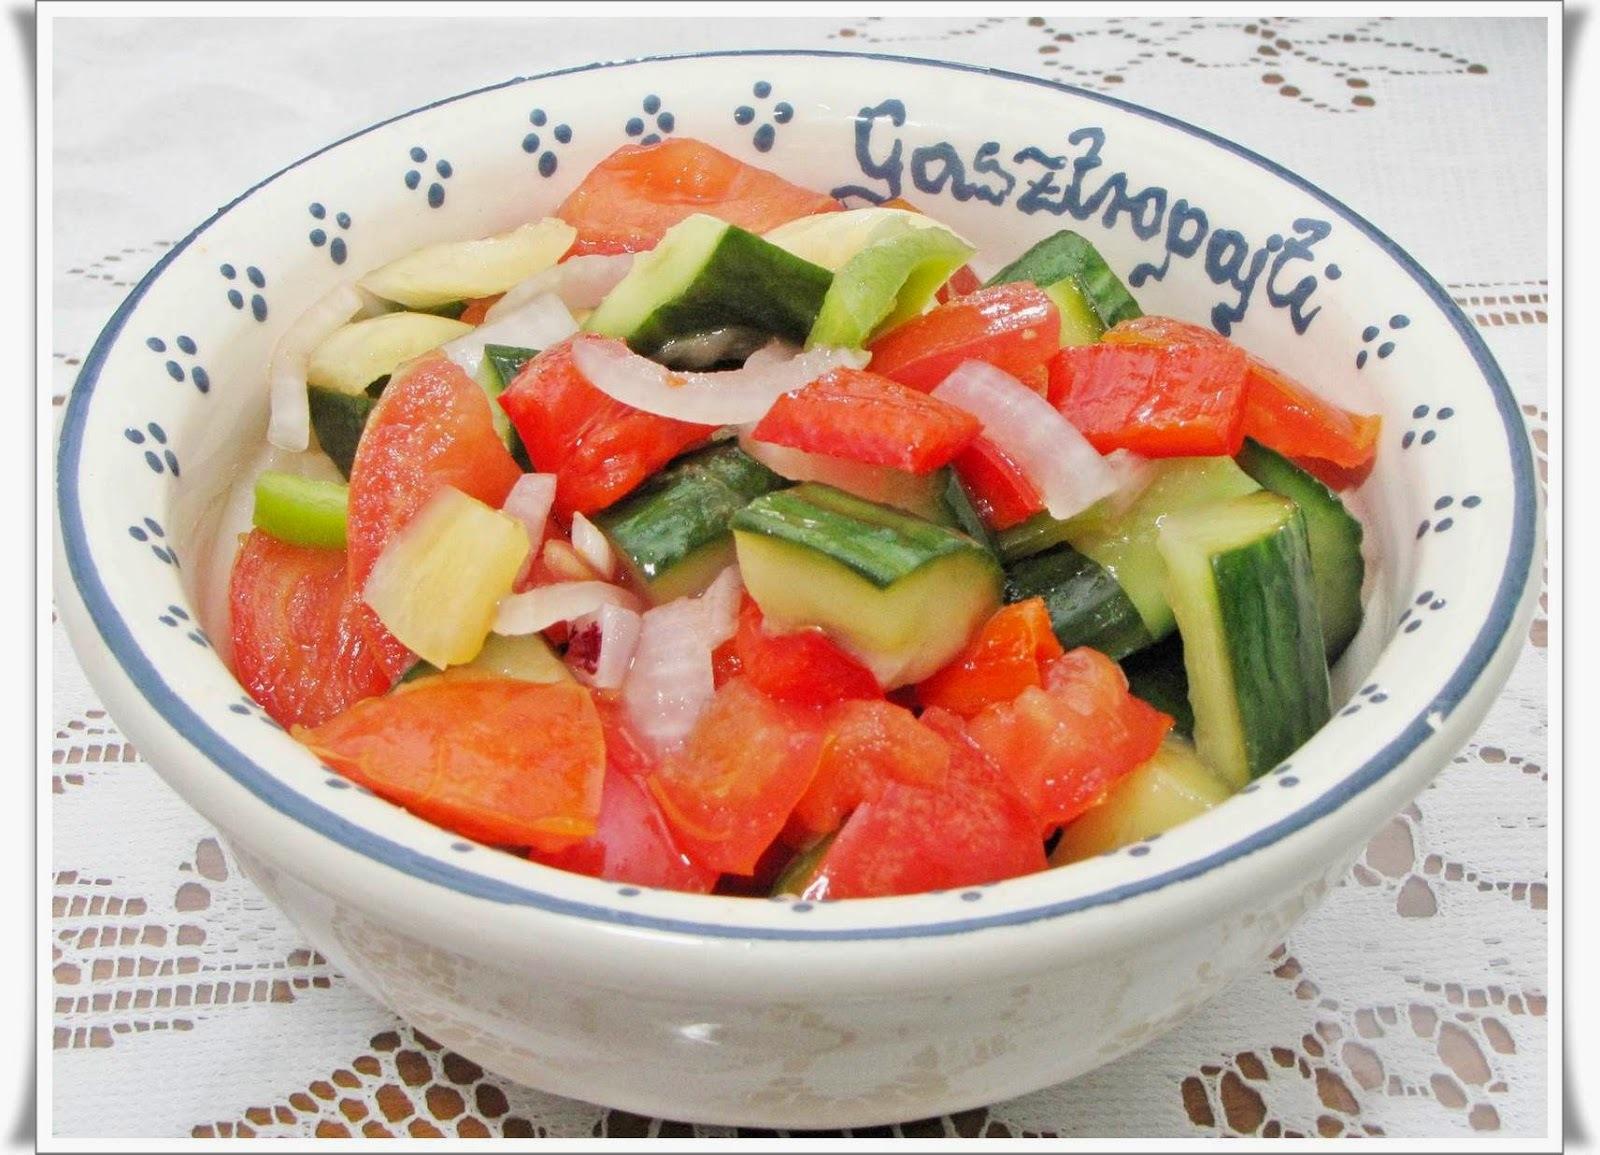 Vegyes saláta savanyúságlével.